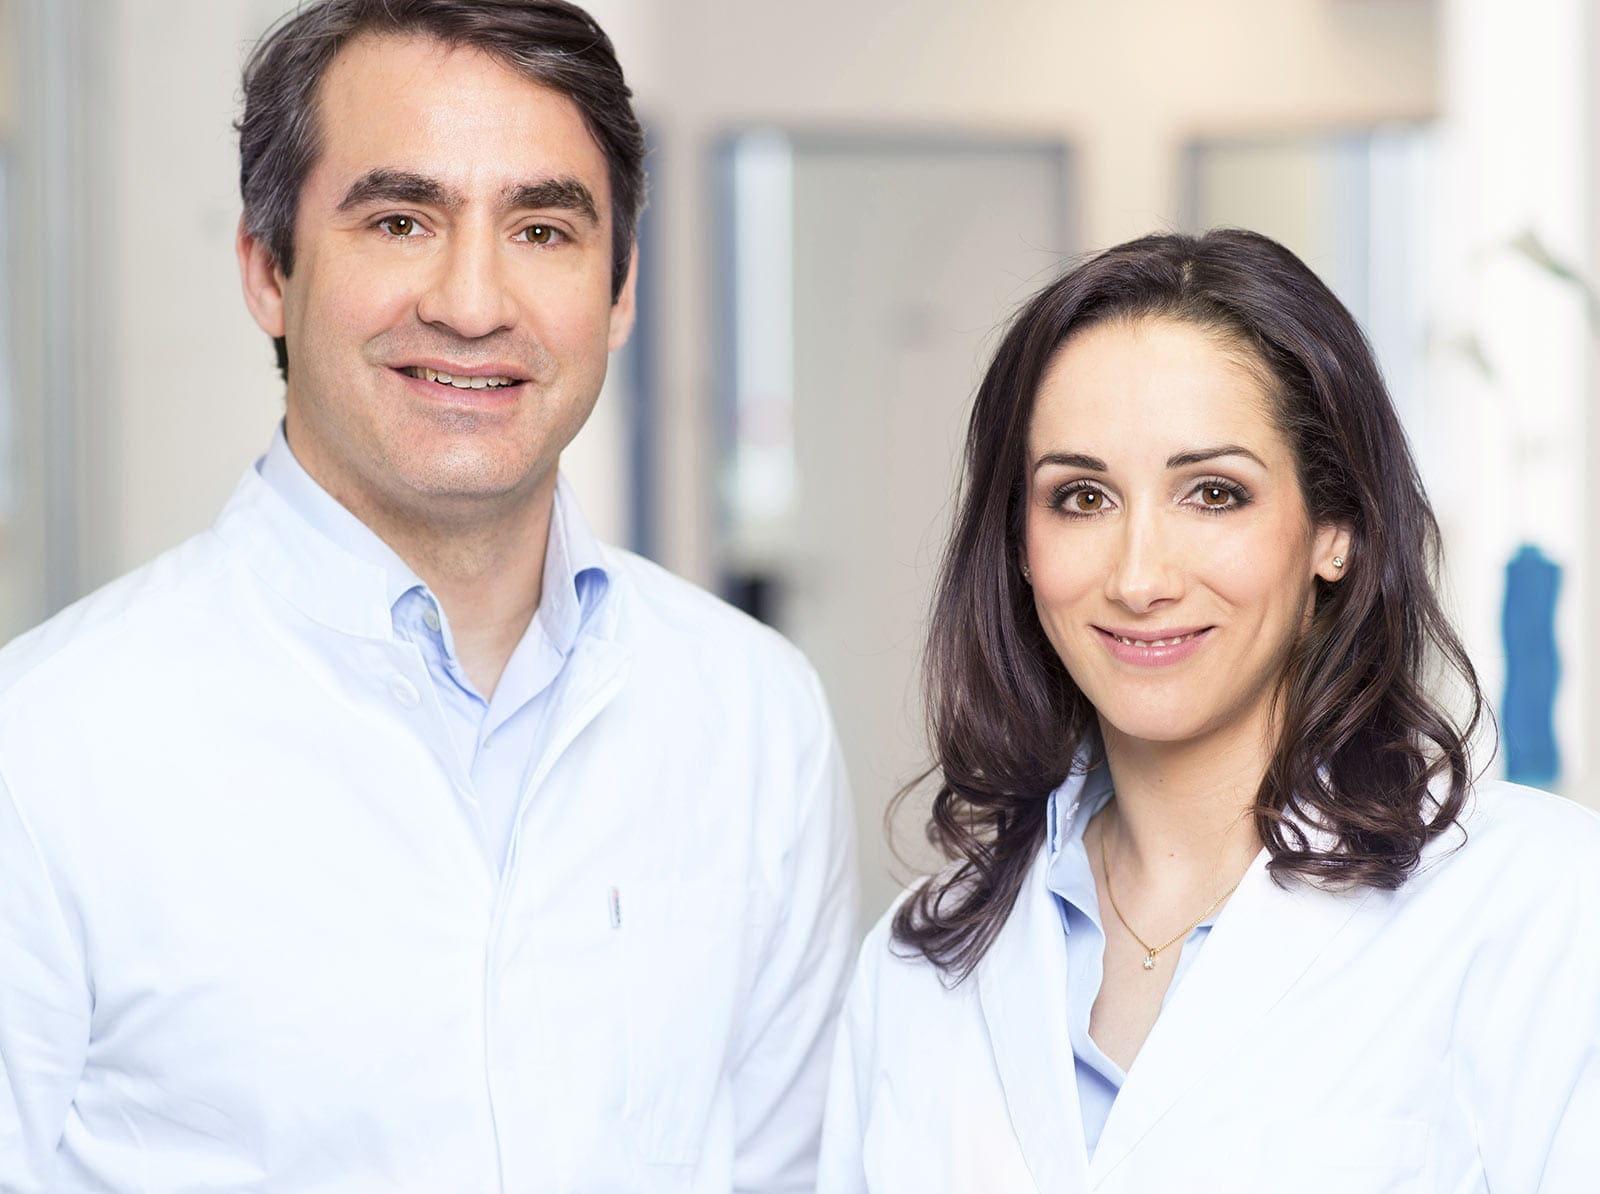 Ärzteteam plastische Chirurgie Koeln Dr. Stoff und Dr. Stoff Attrasch